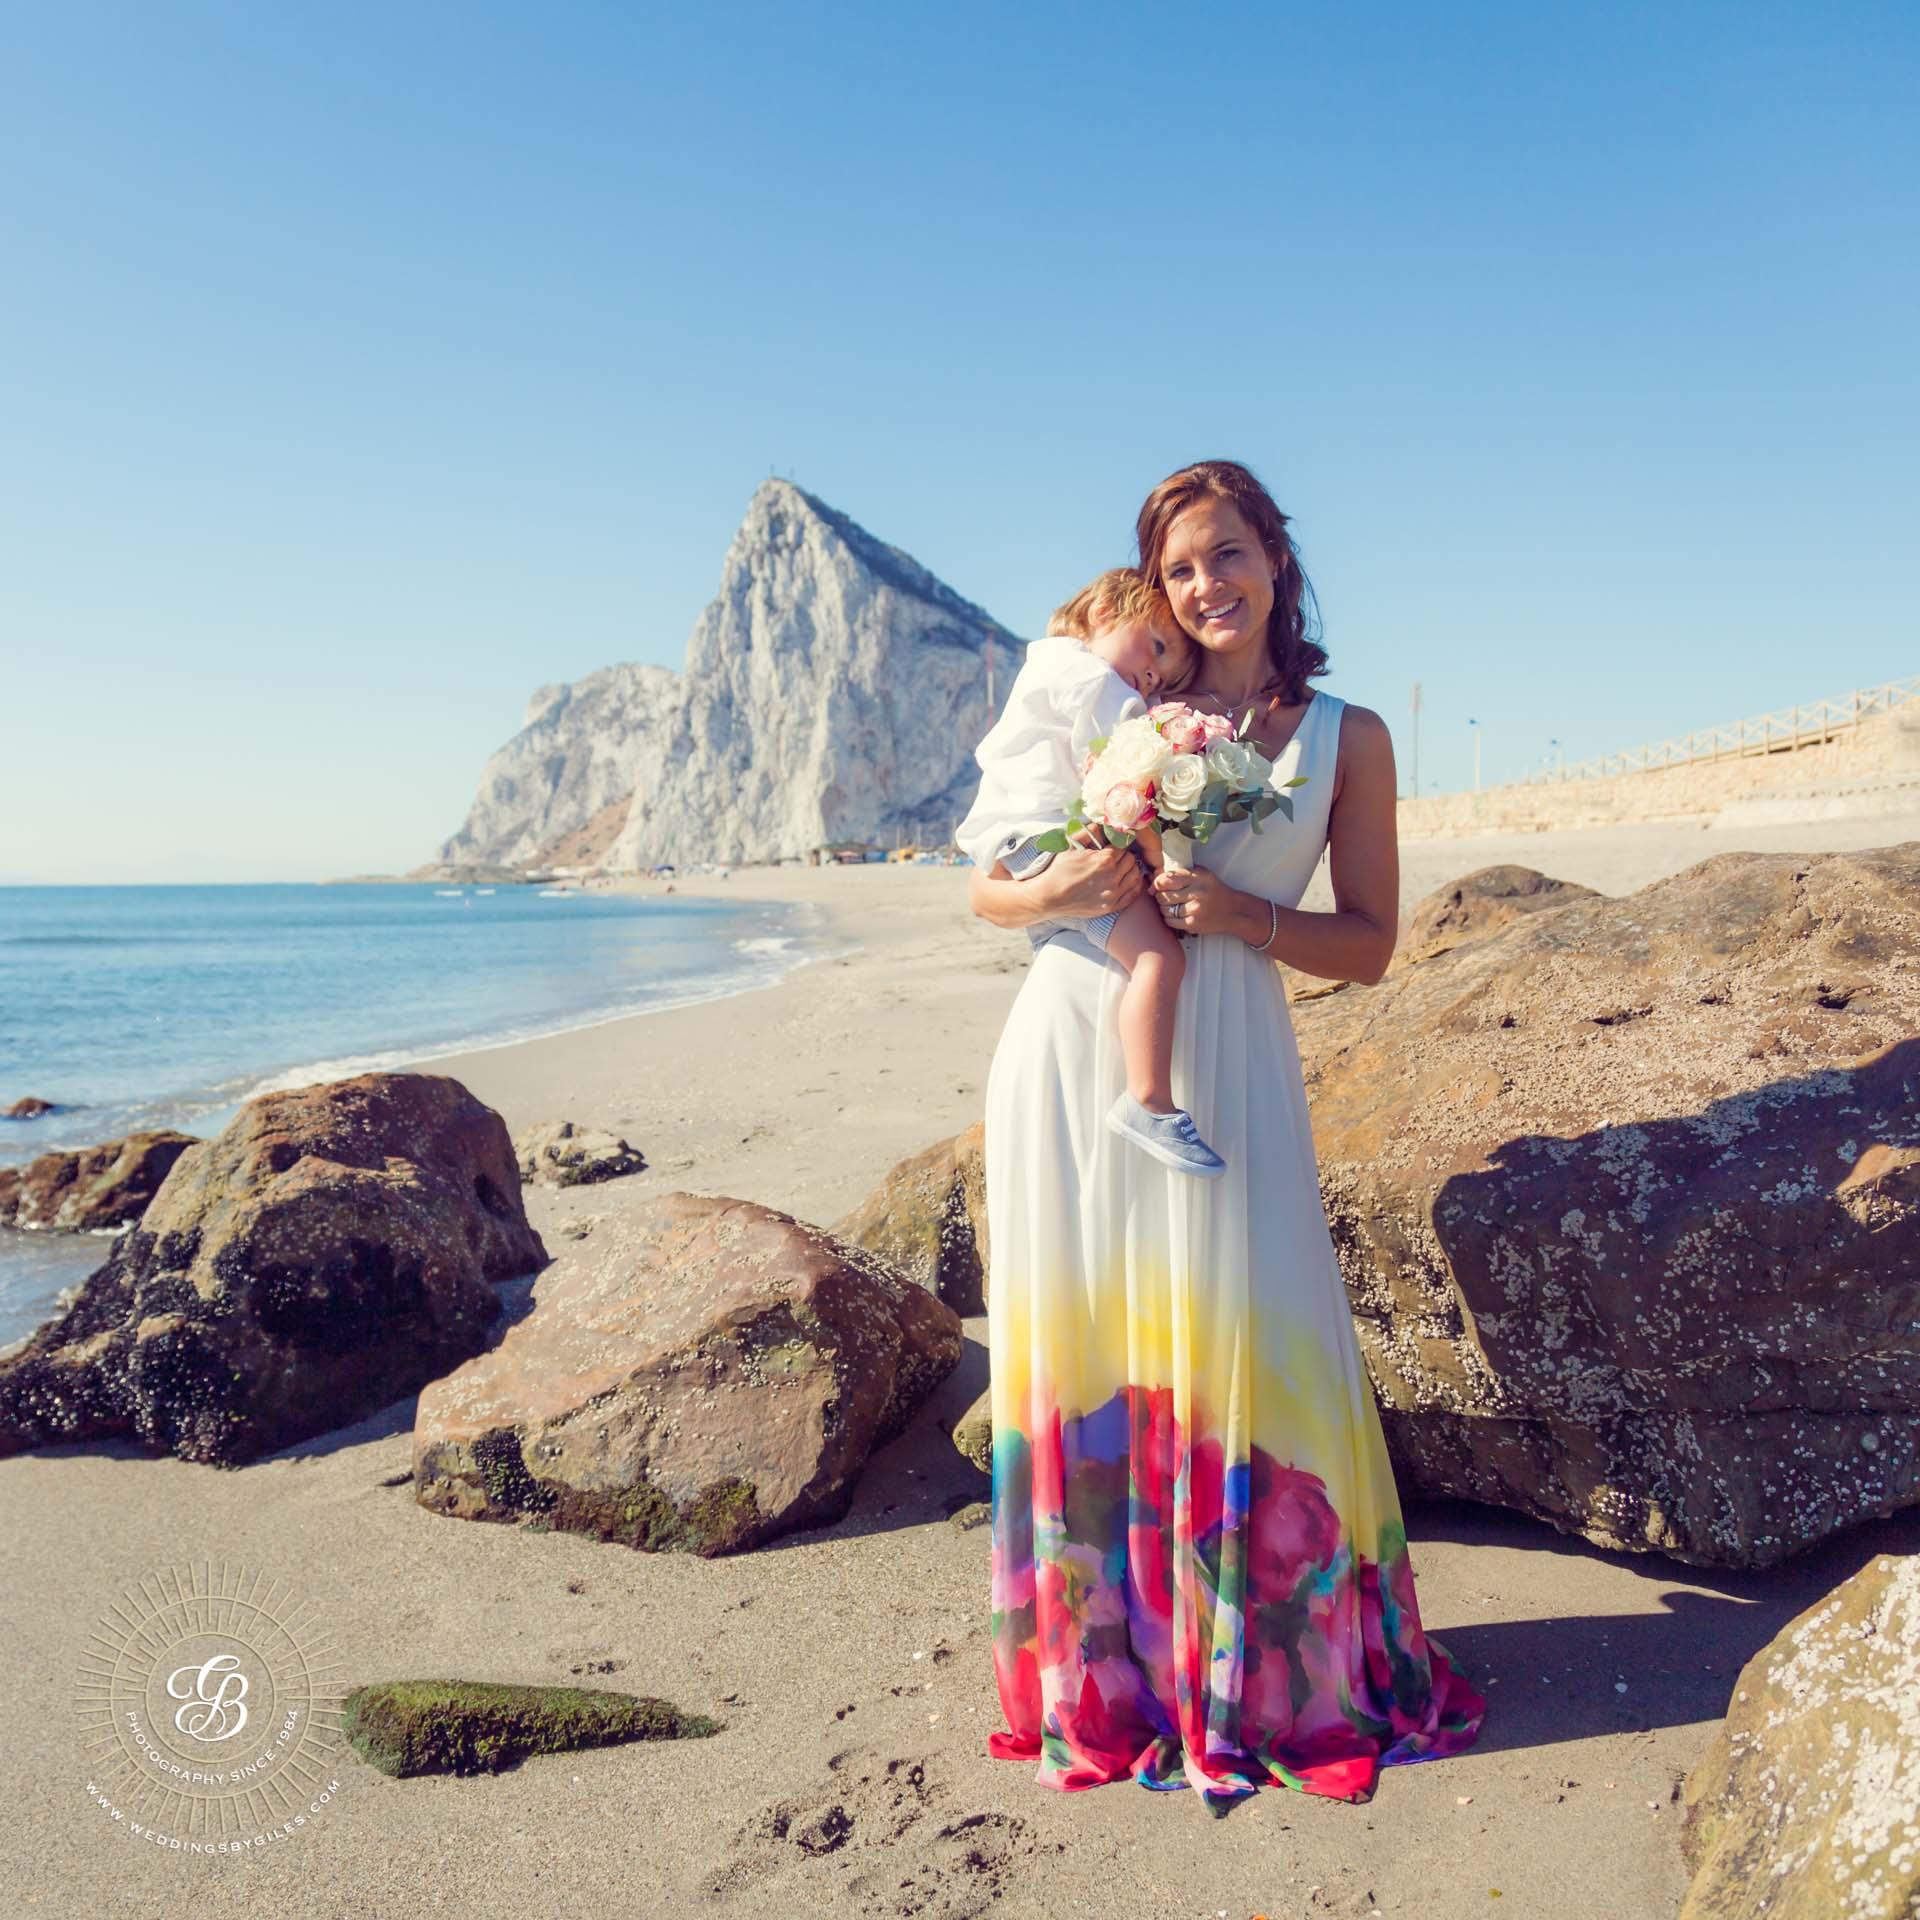 Rock of Gibraltar beach wedding shoot